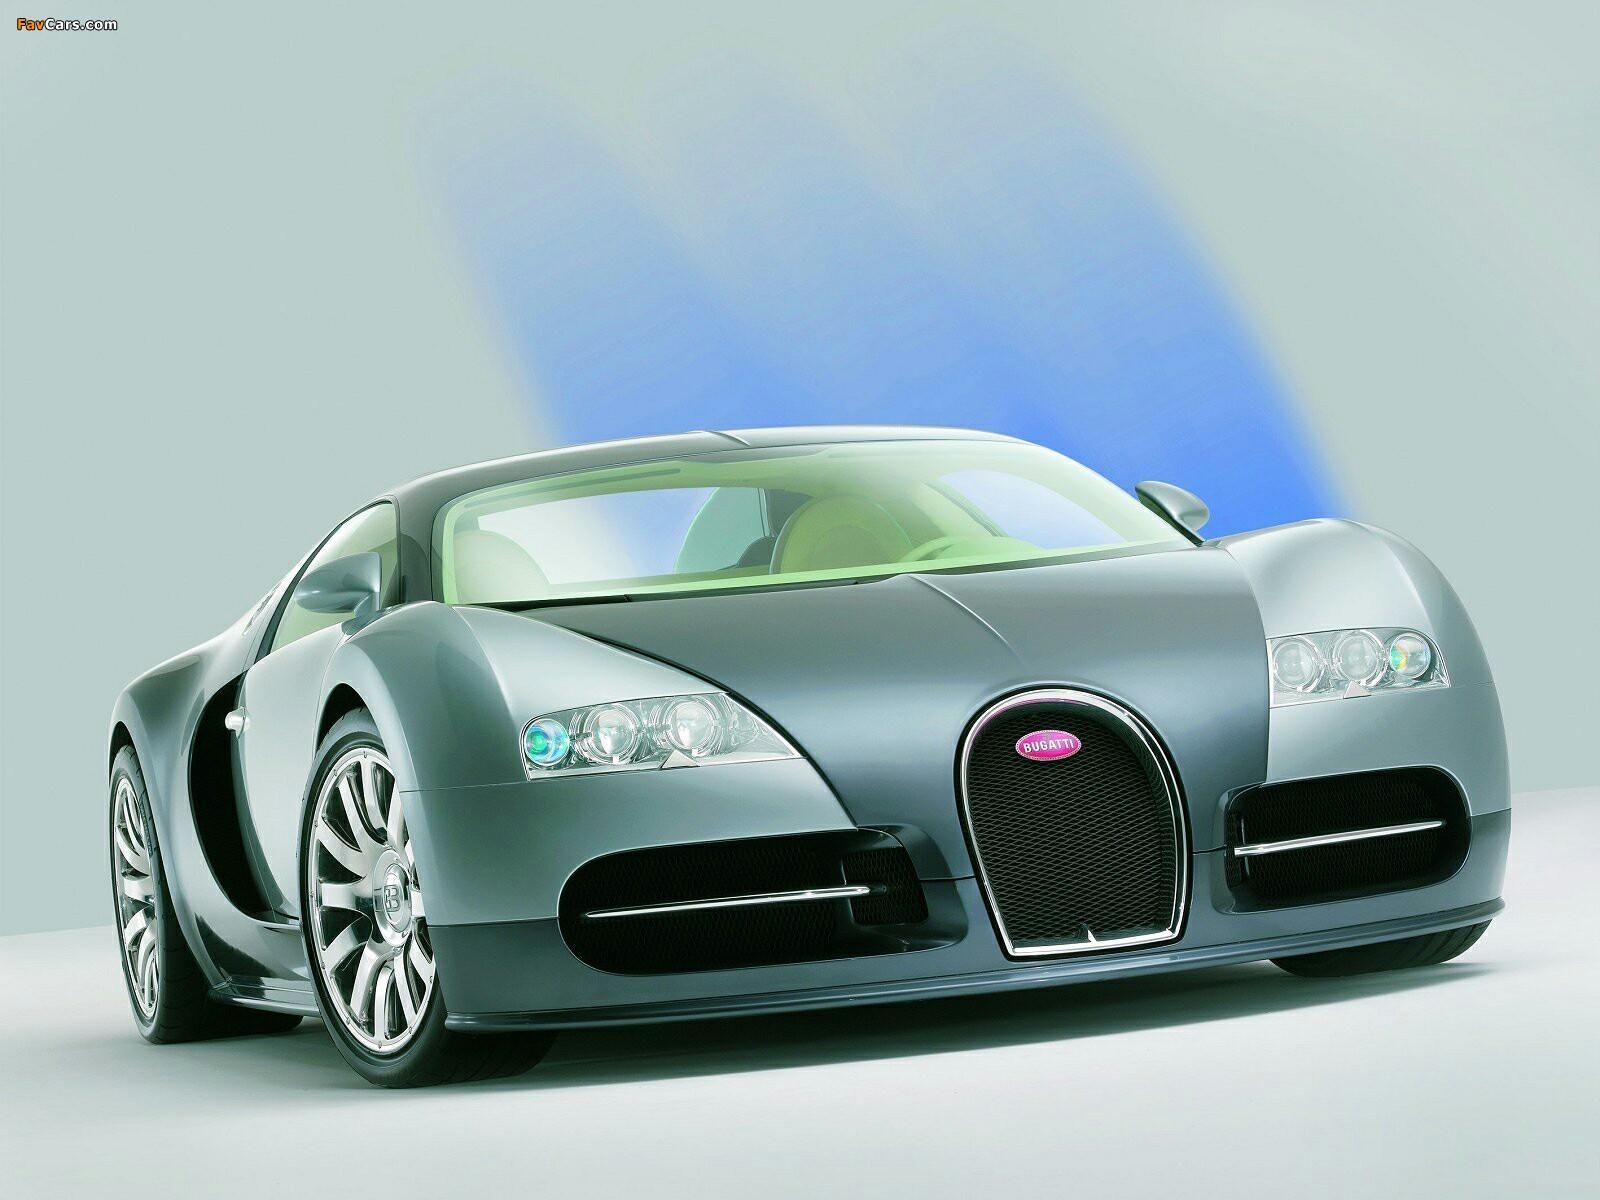 Bugatti Eb 164 Veyron Prototype 2003 Wallpapers 1600x1200